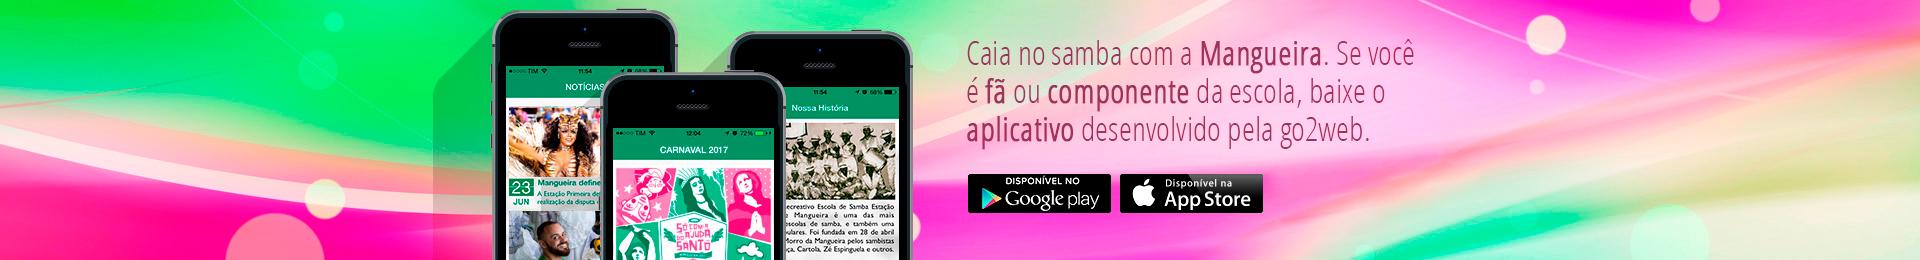 Caia no Samba com a Mangueira